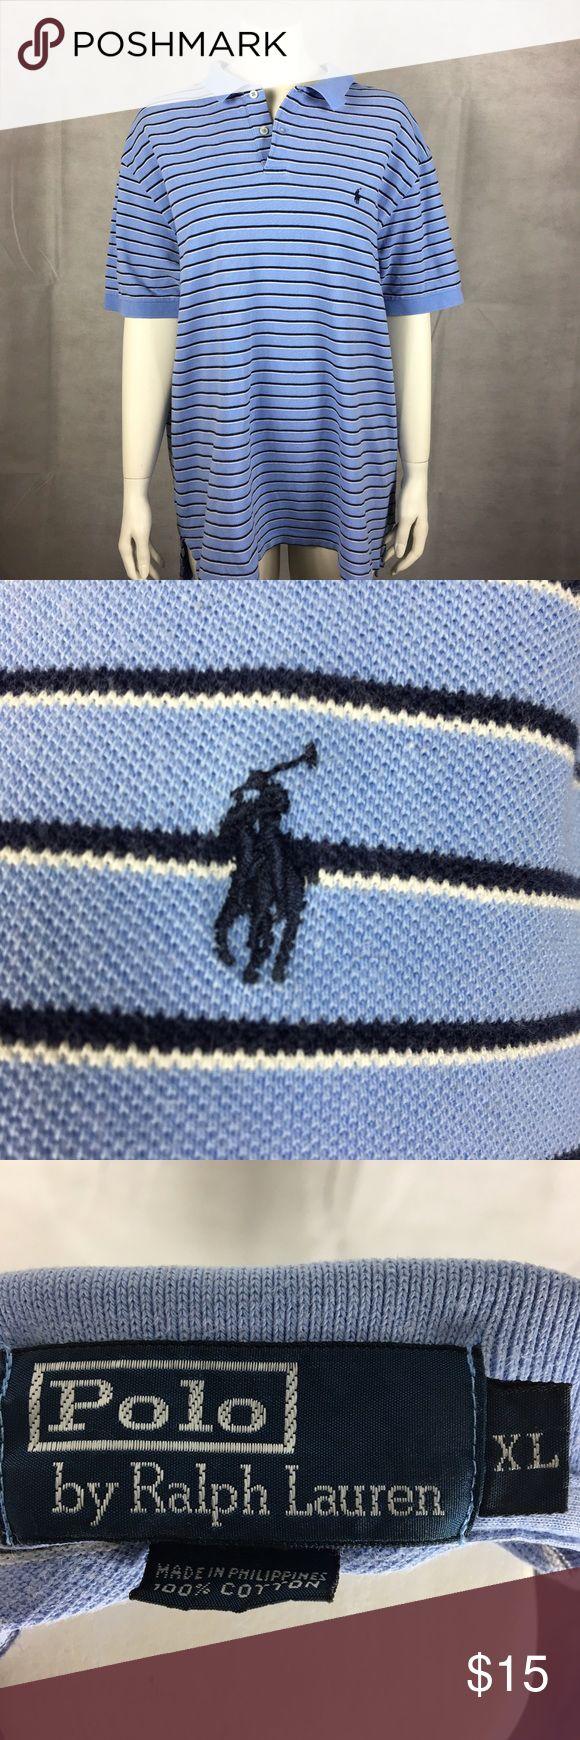 Polo Ralph Luaren polo shirt Polo Ralph Lauren polo shirt blue in perfect condition Polo by Ralph Lauren Shirts Polos